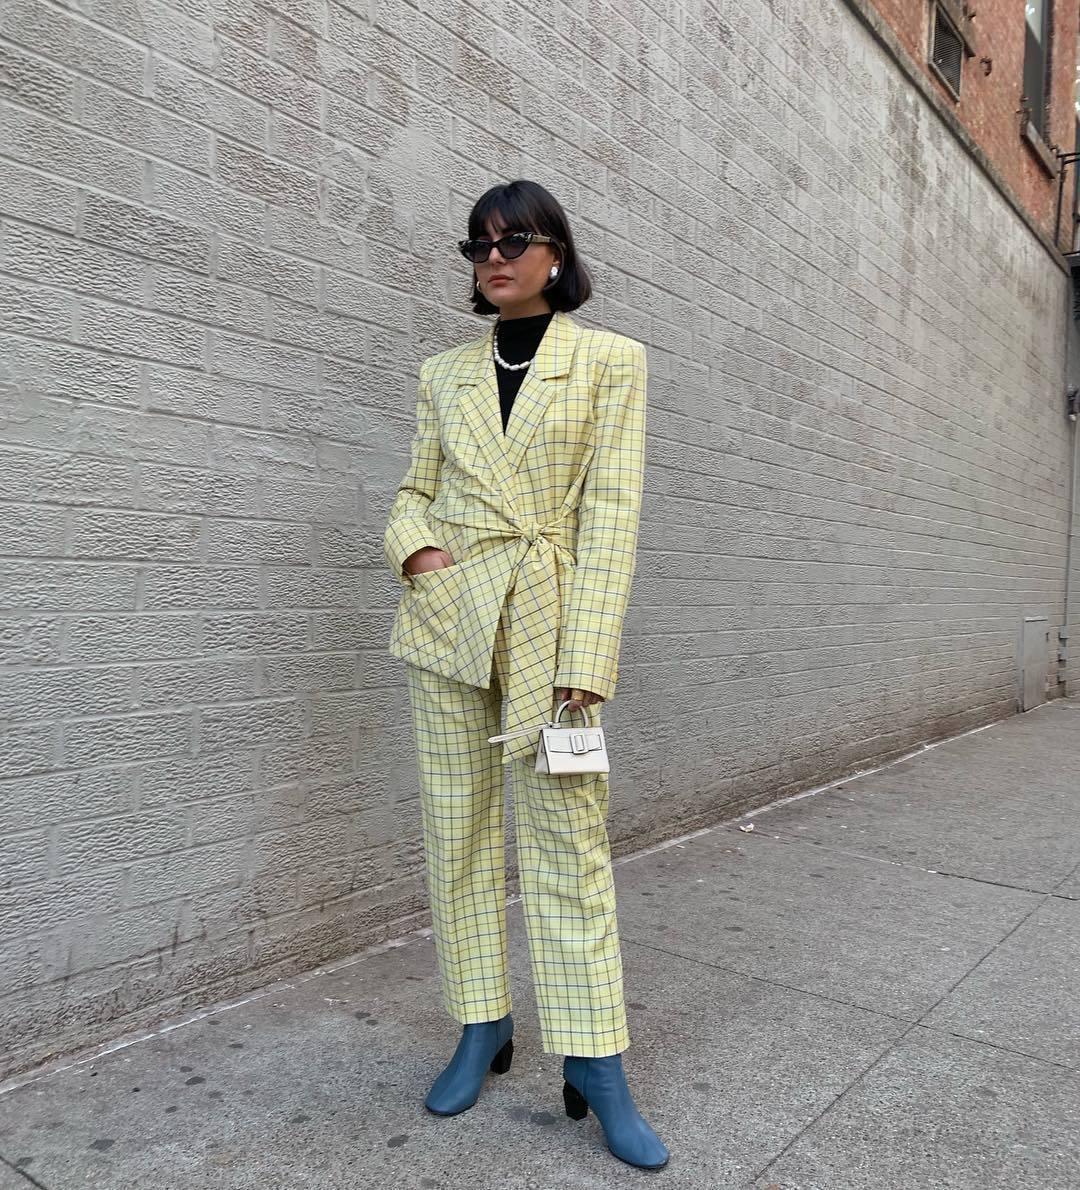 La estilista María Bernad